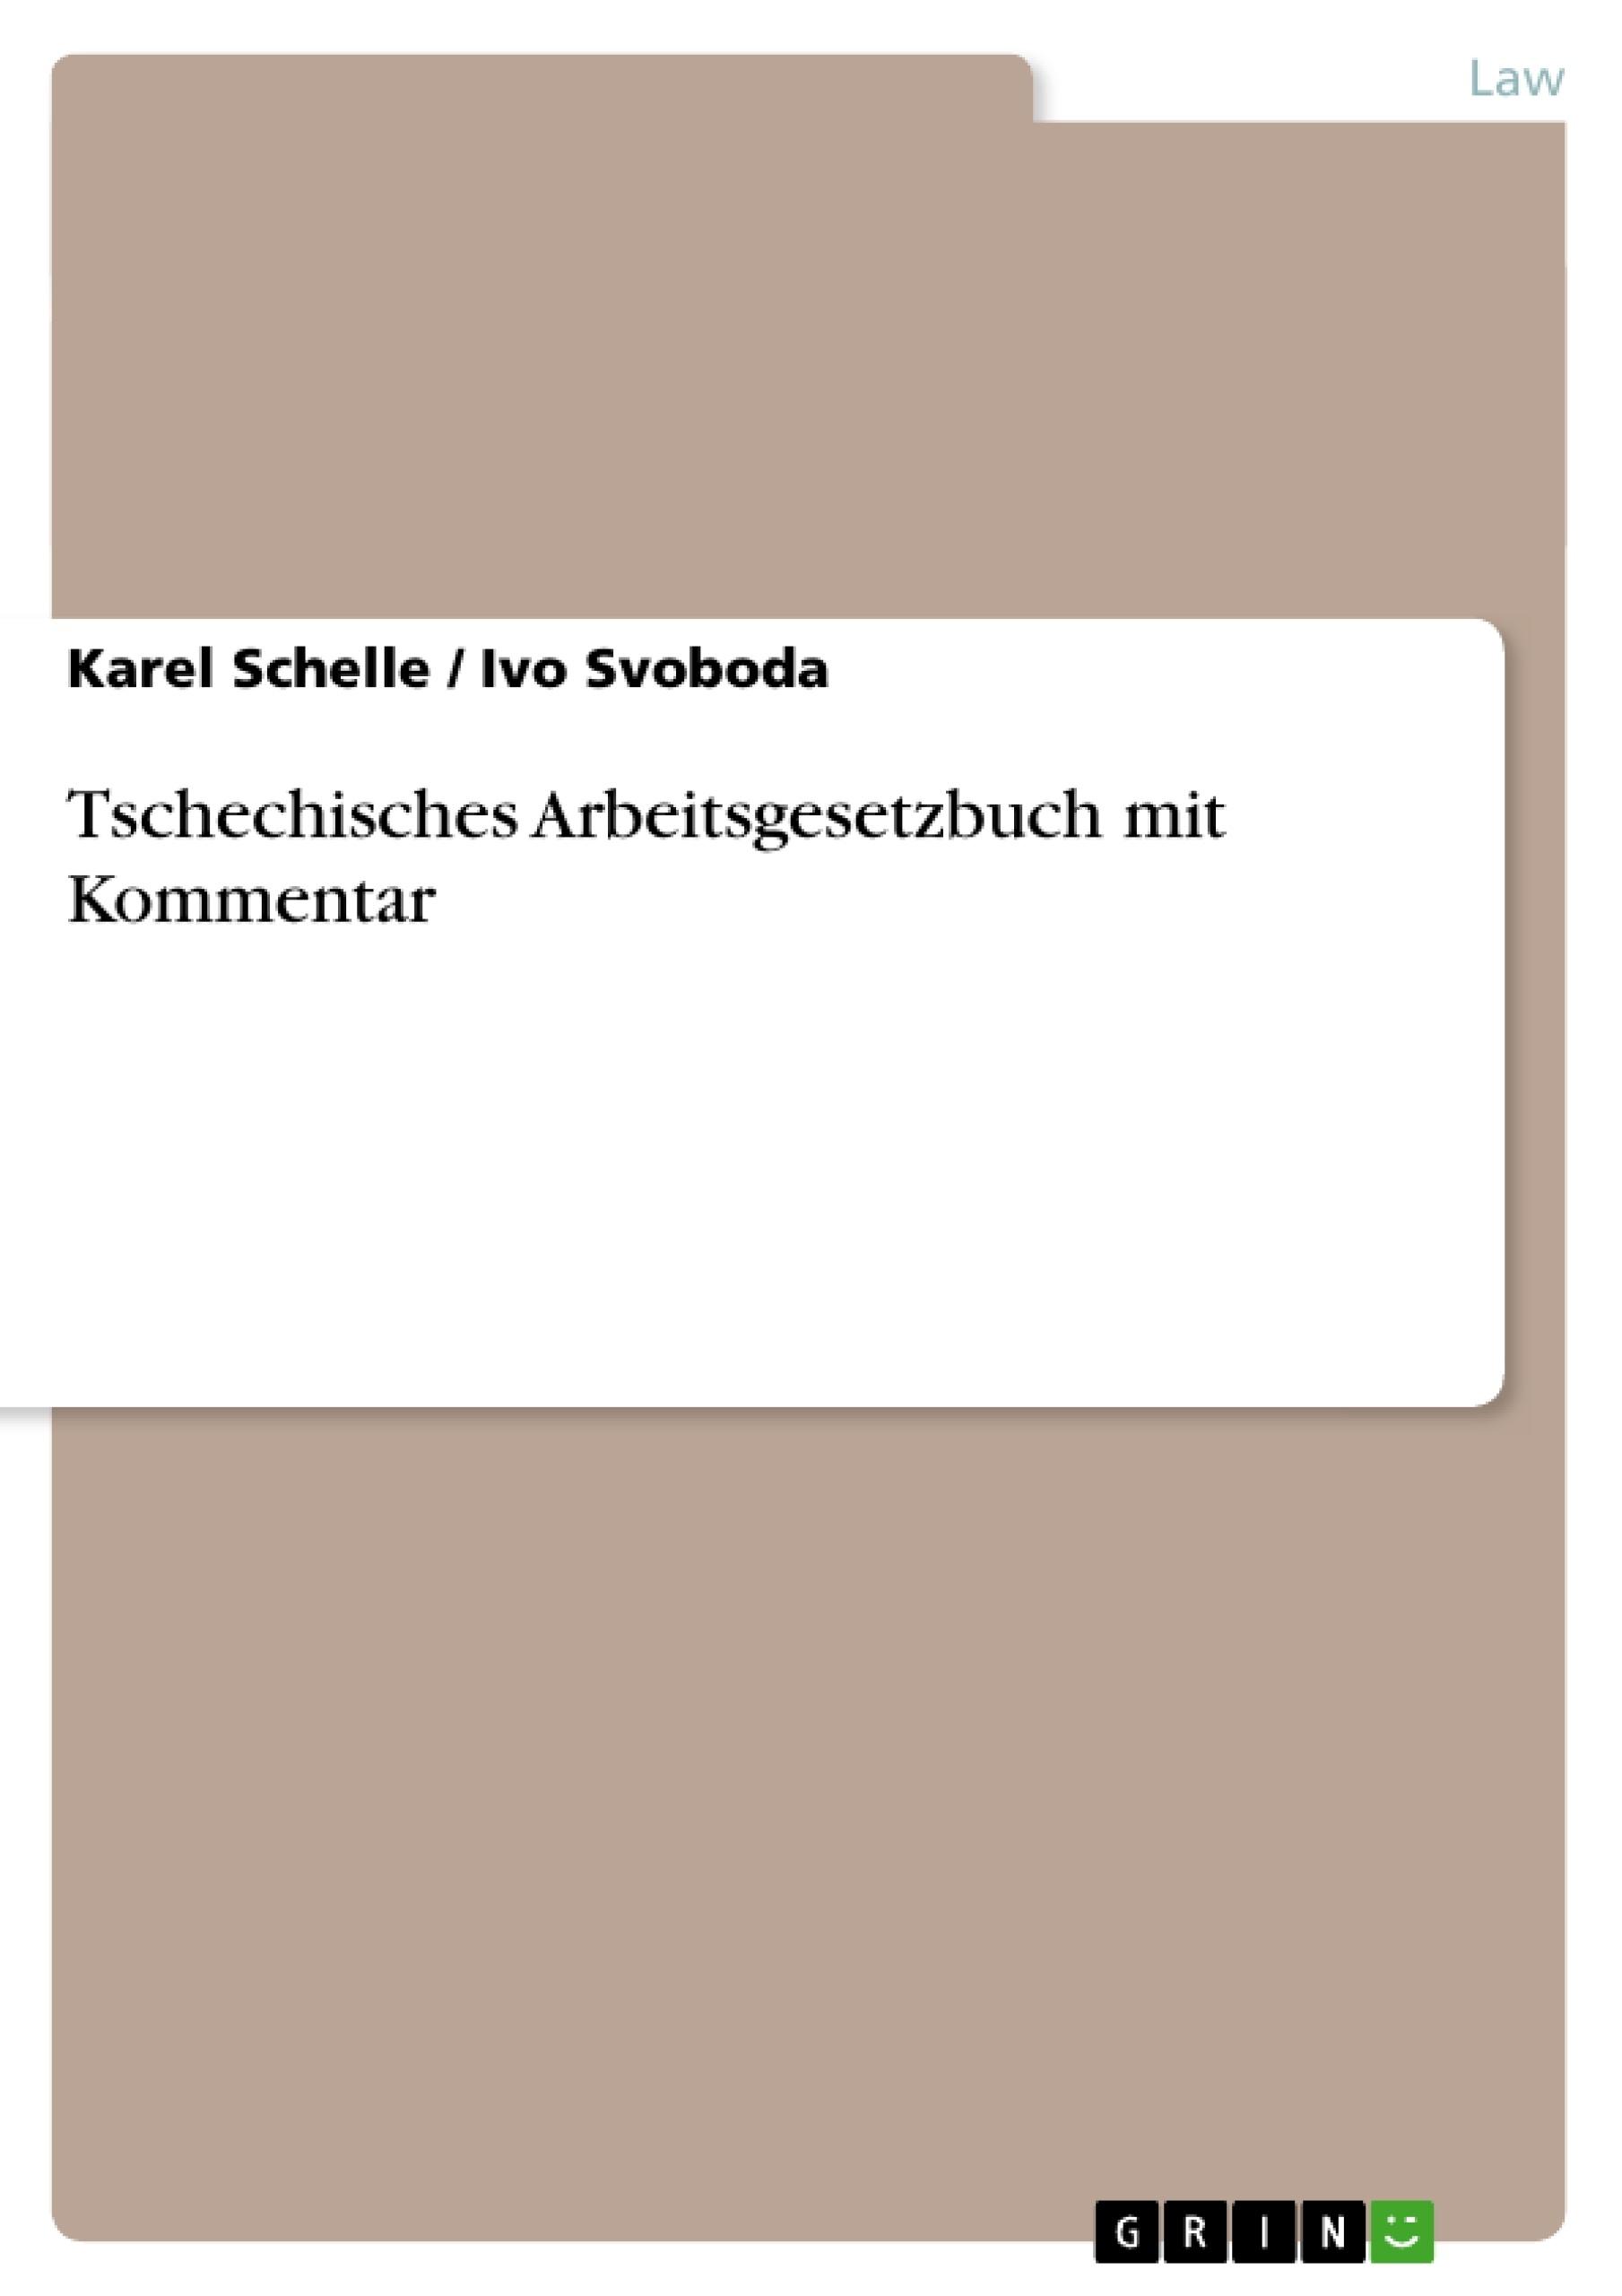 Title: Tschechisches Arbeitsgesetzbuch mit Kommentar